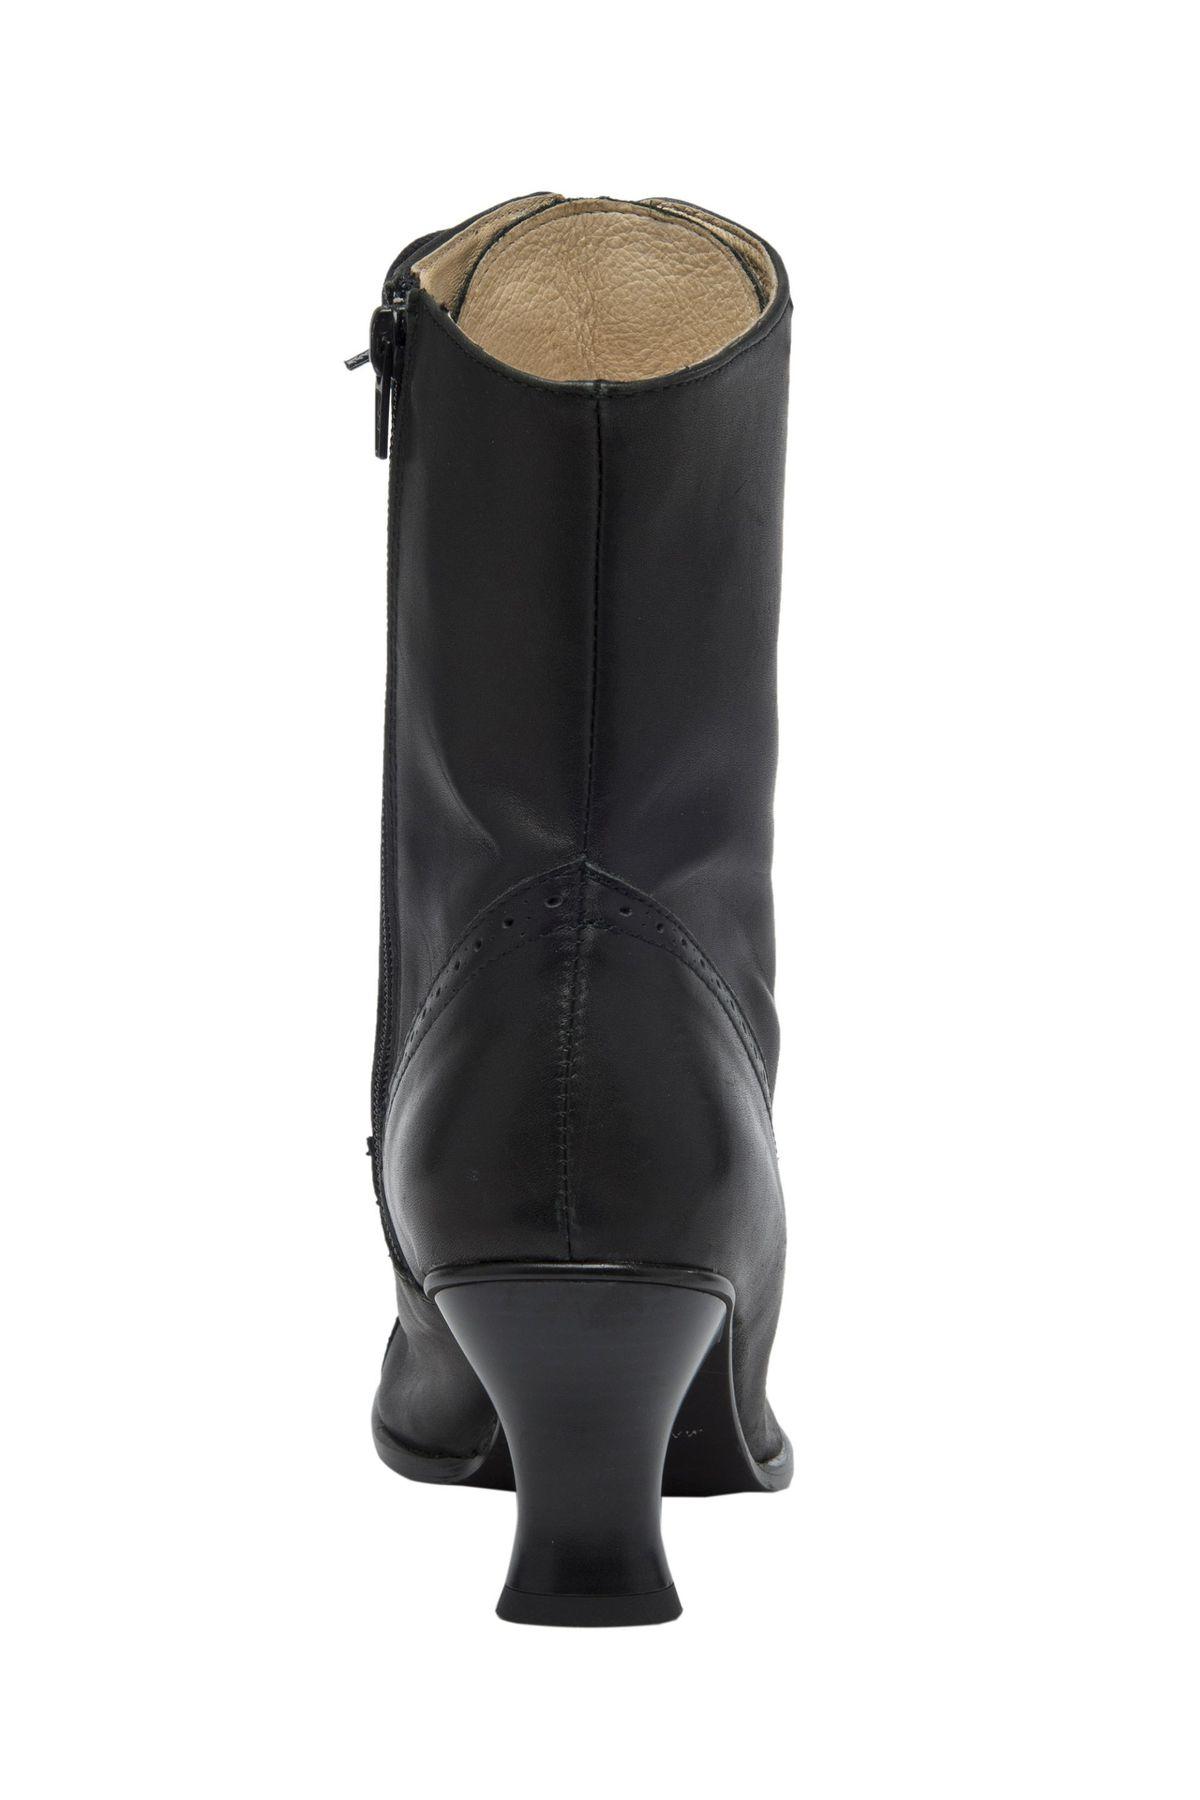 Stockerpoint - Damen Trachten Stiefel Nappa Leder, 4490 – Bild 5